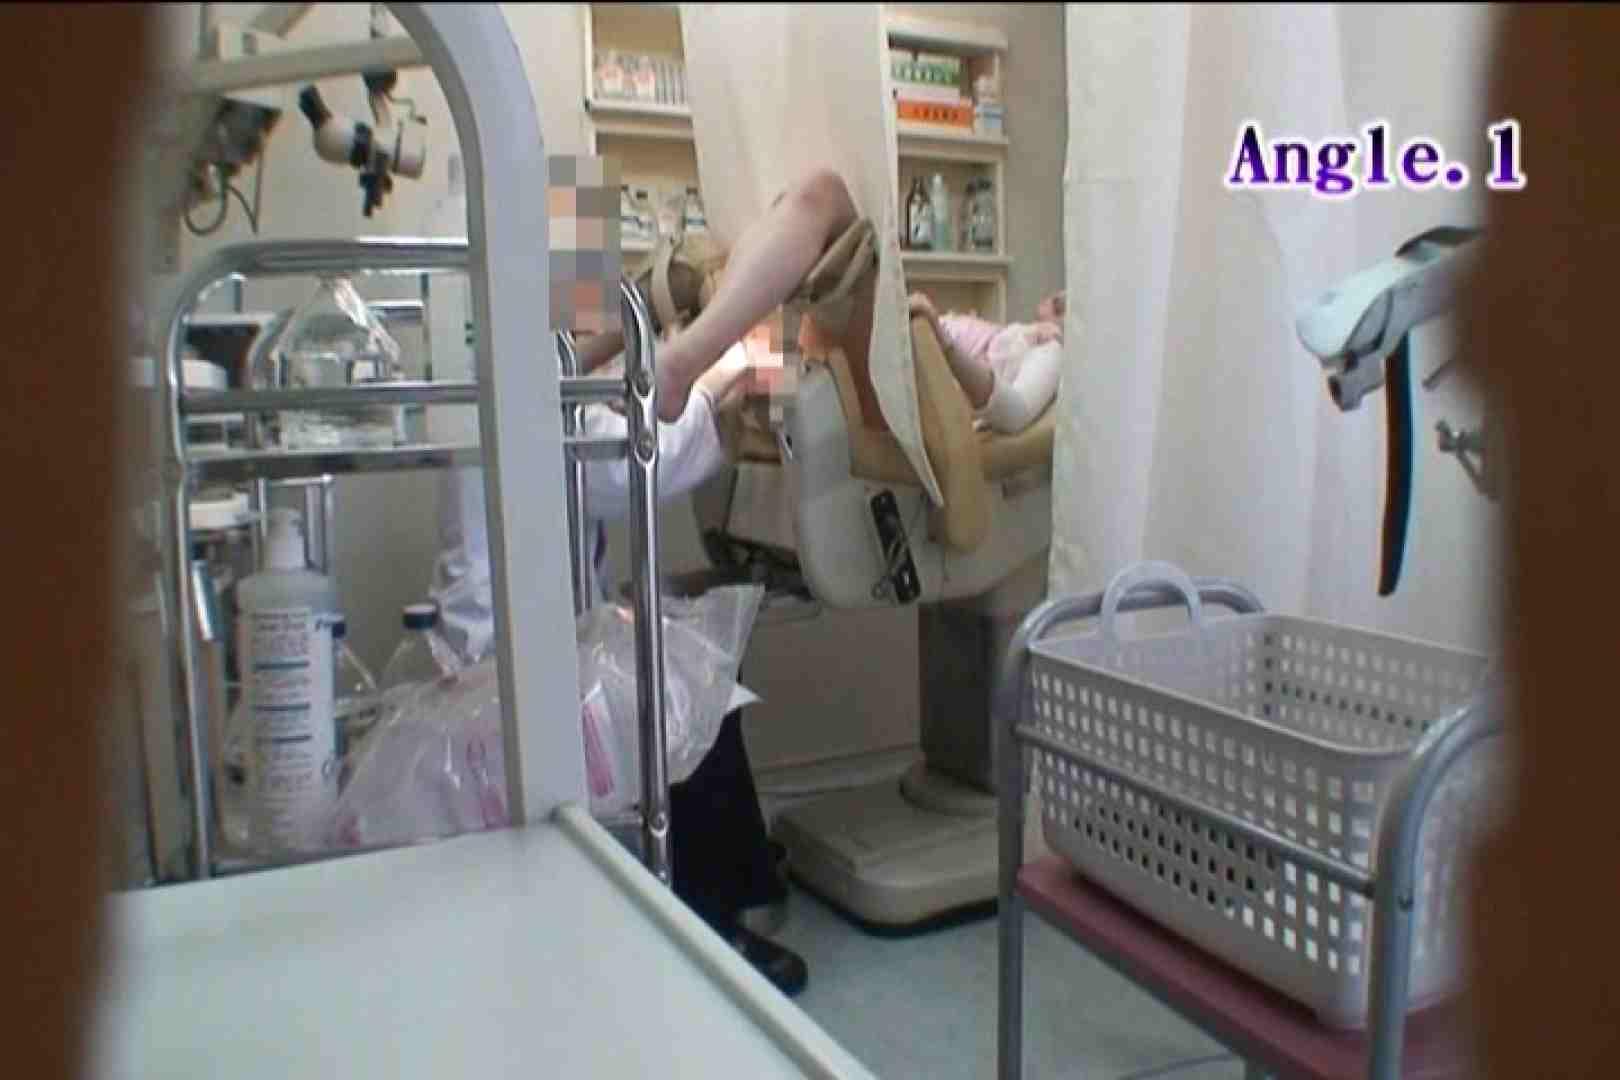 患者のおまんこをコレクションする変態医師の流出映像Vol.5 マンコ・ムレムレ  73pic 36